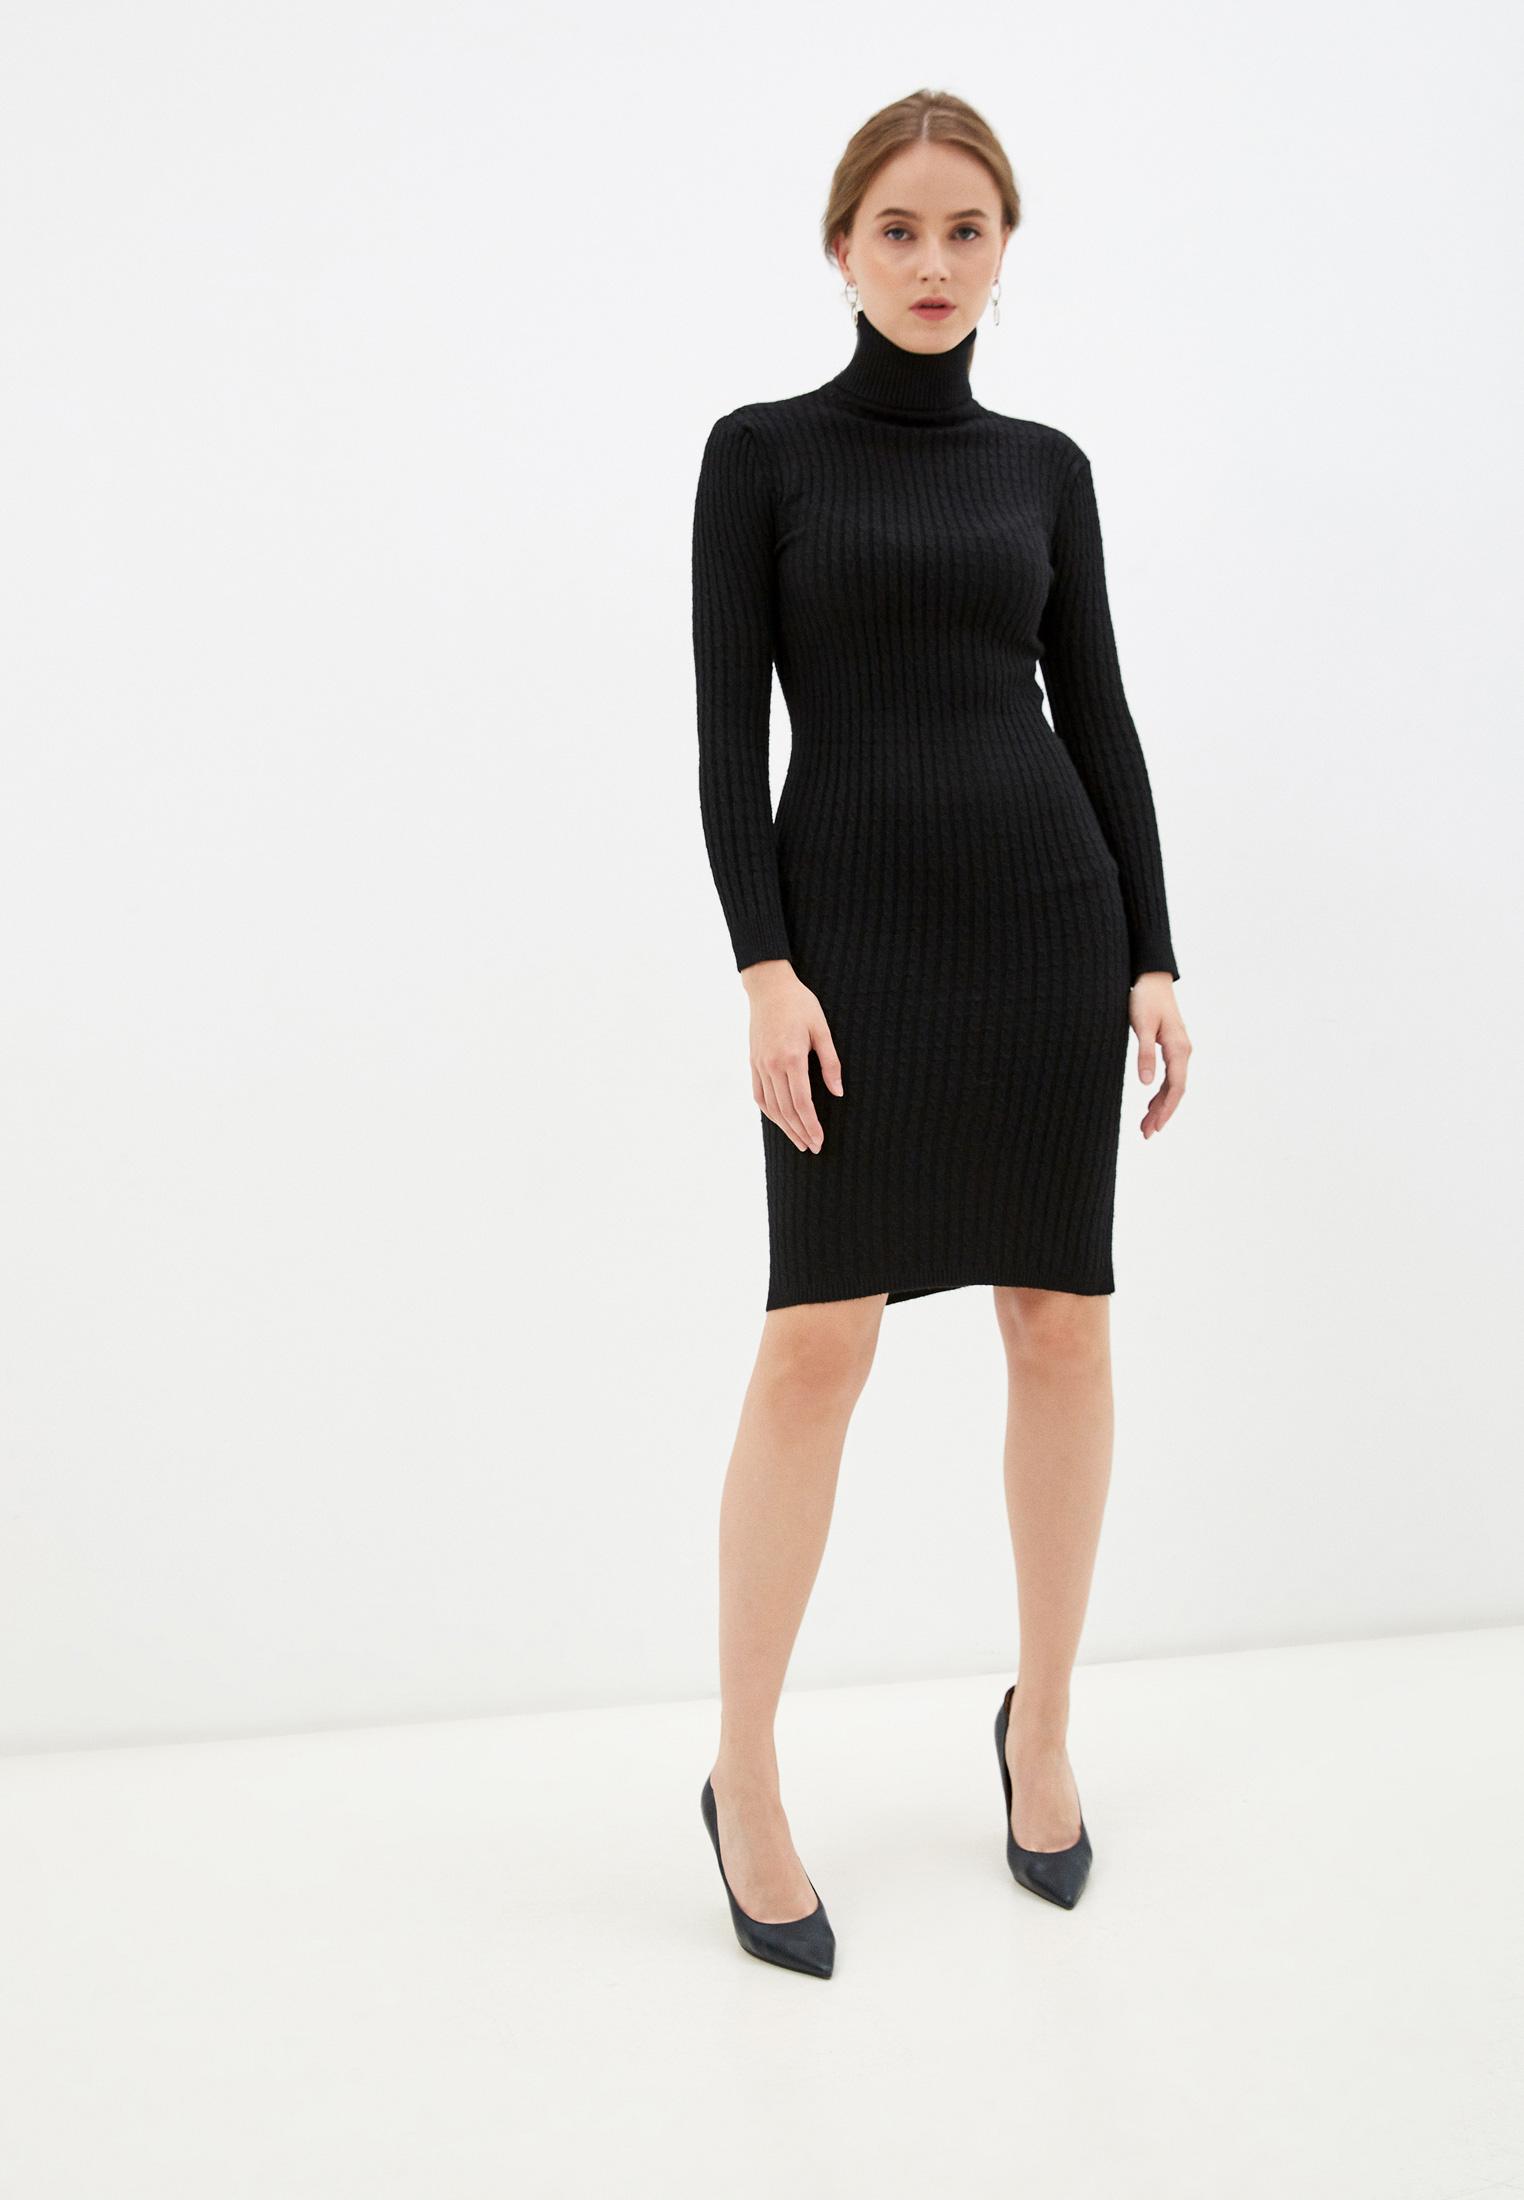 Вязаное платье Marselesa MAR2122-31-1